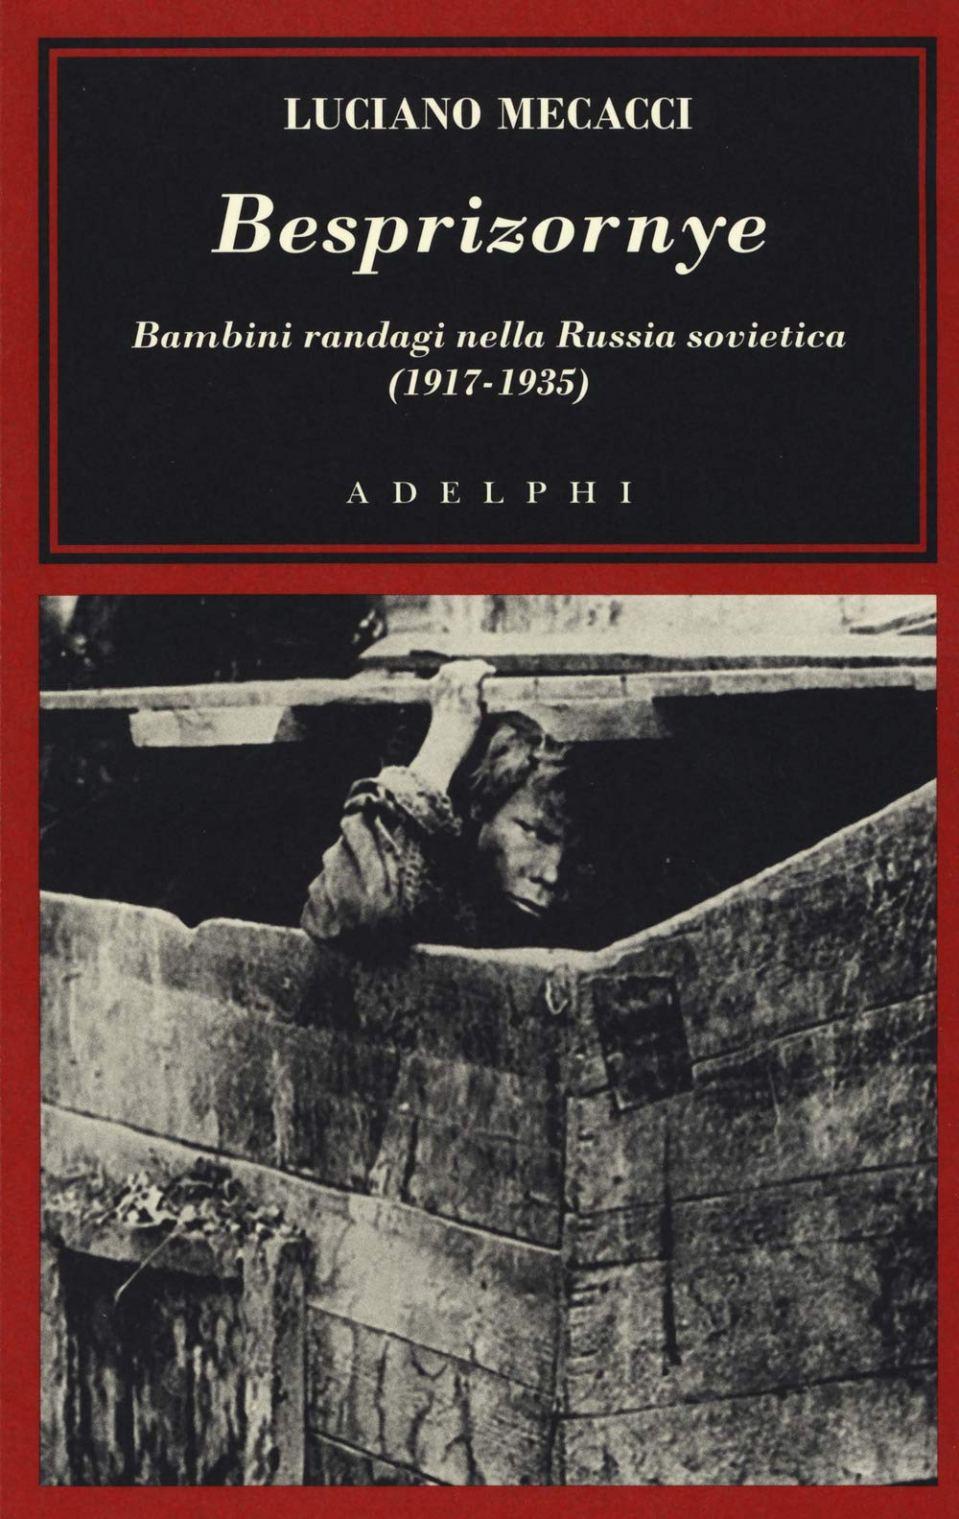 BESPRIZORNYE. Bambini randagi nella Russia Sovietica (1917-1935) Book Cover